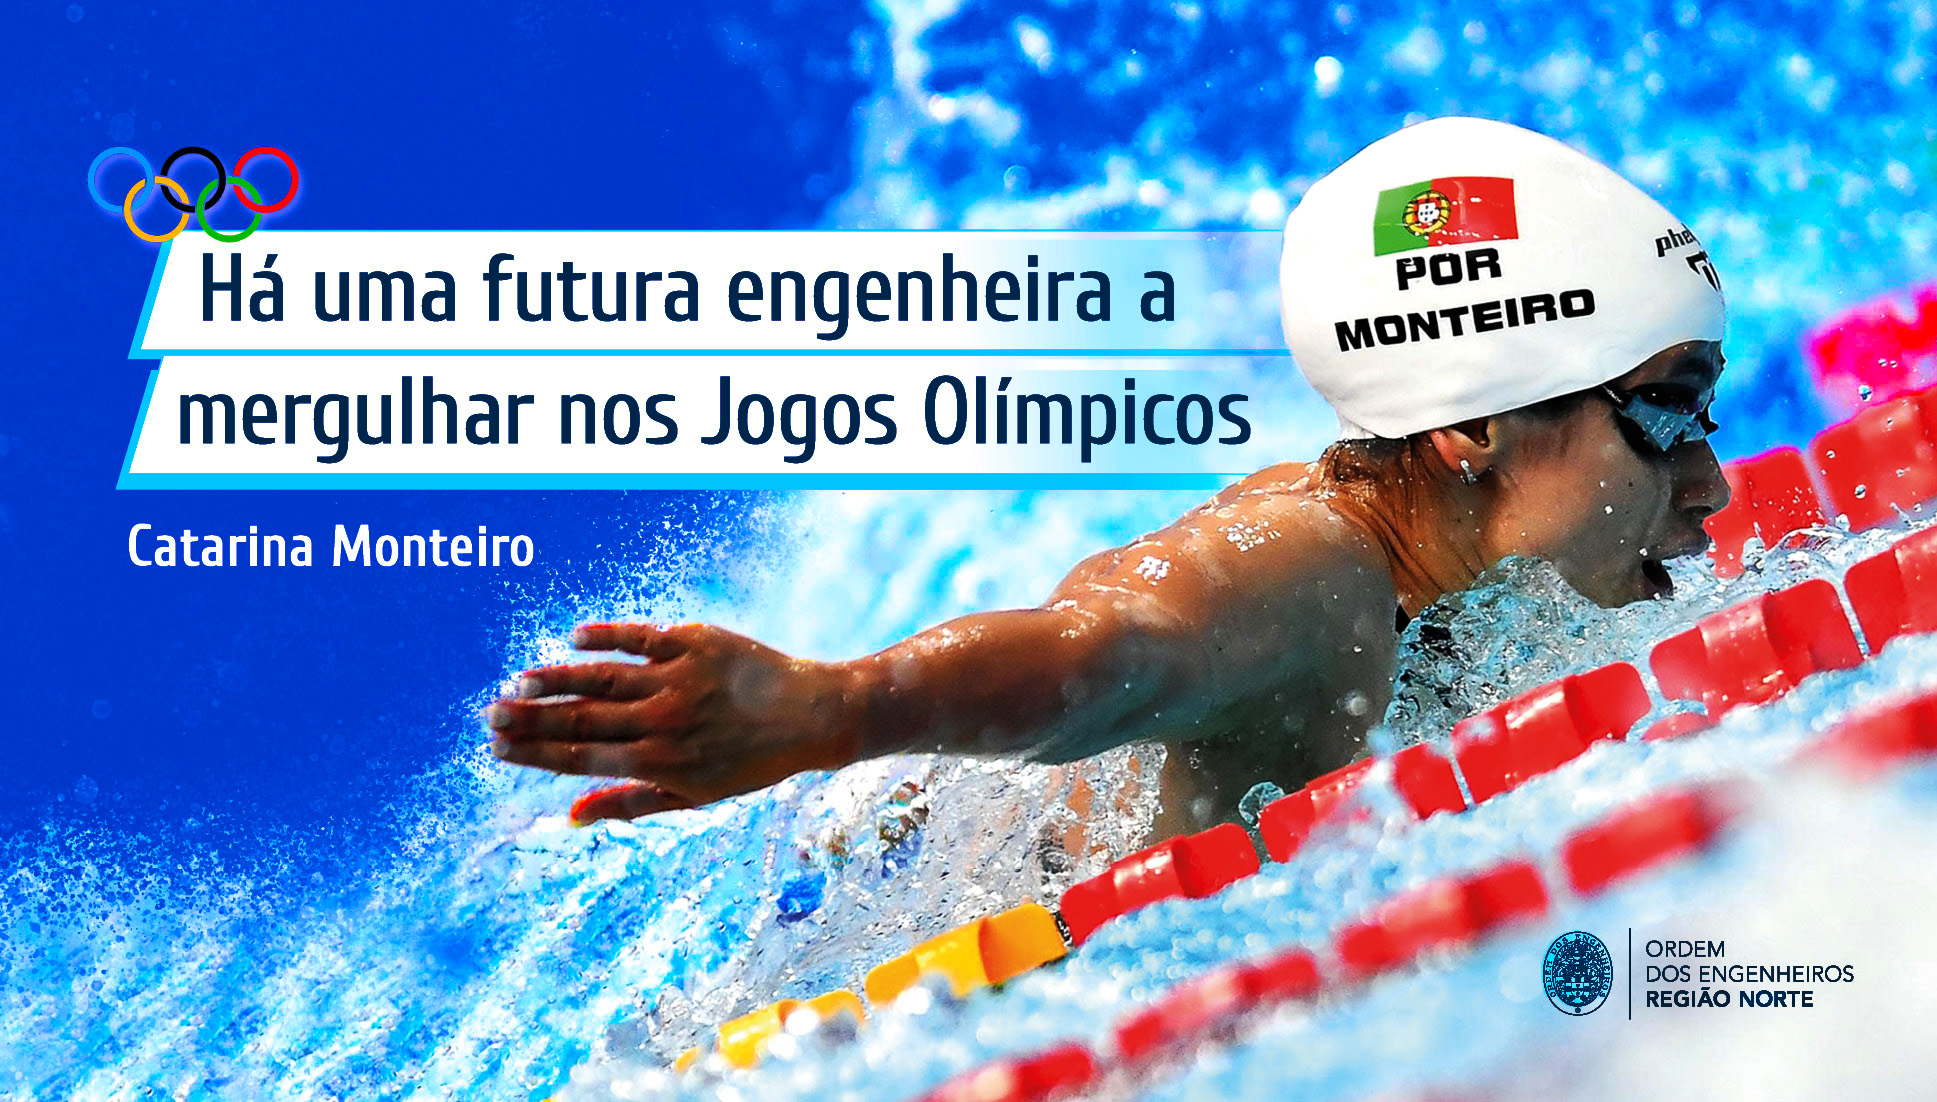 Plataforma Notícias Ordem Engenheiros Região Norte - Grandes Entrevistas de Engenharia com… Catarina Monteiro